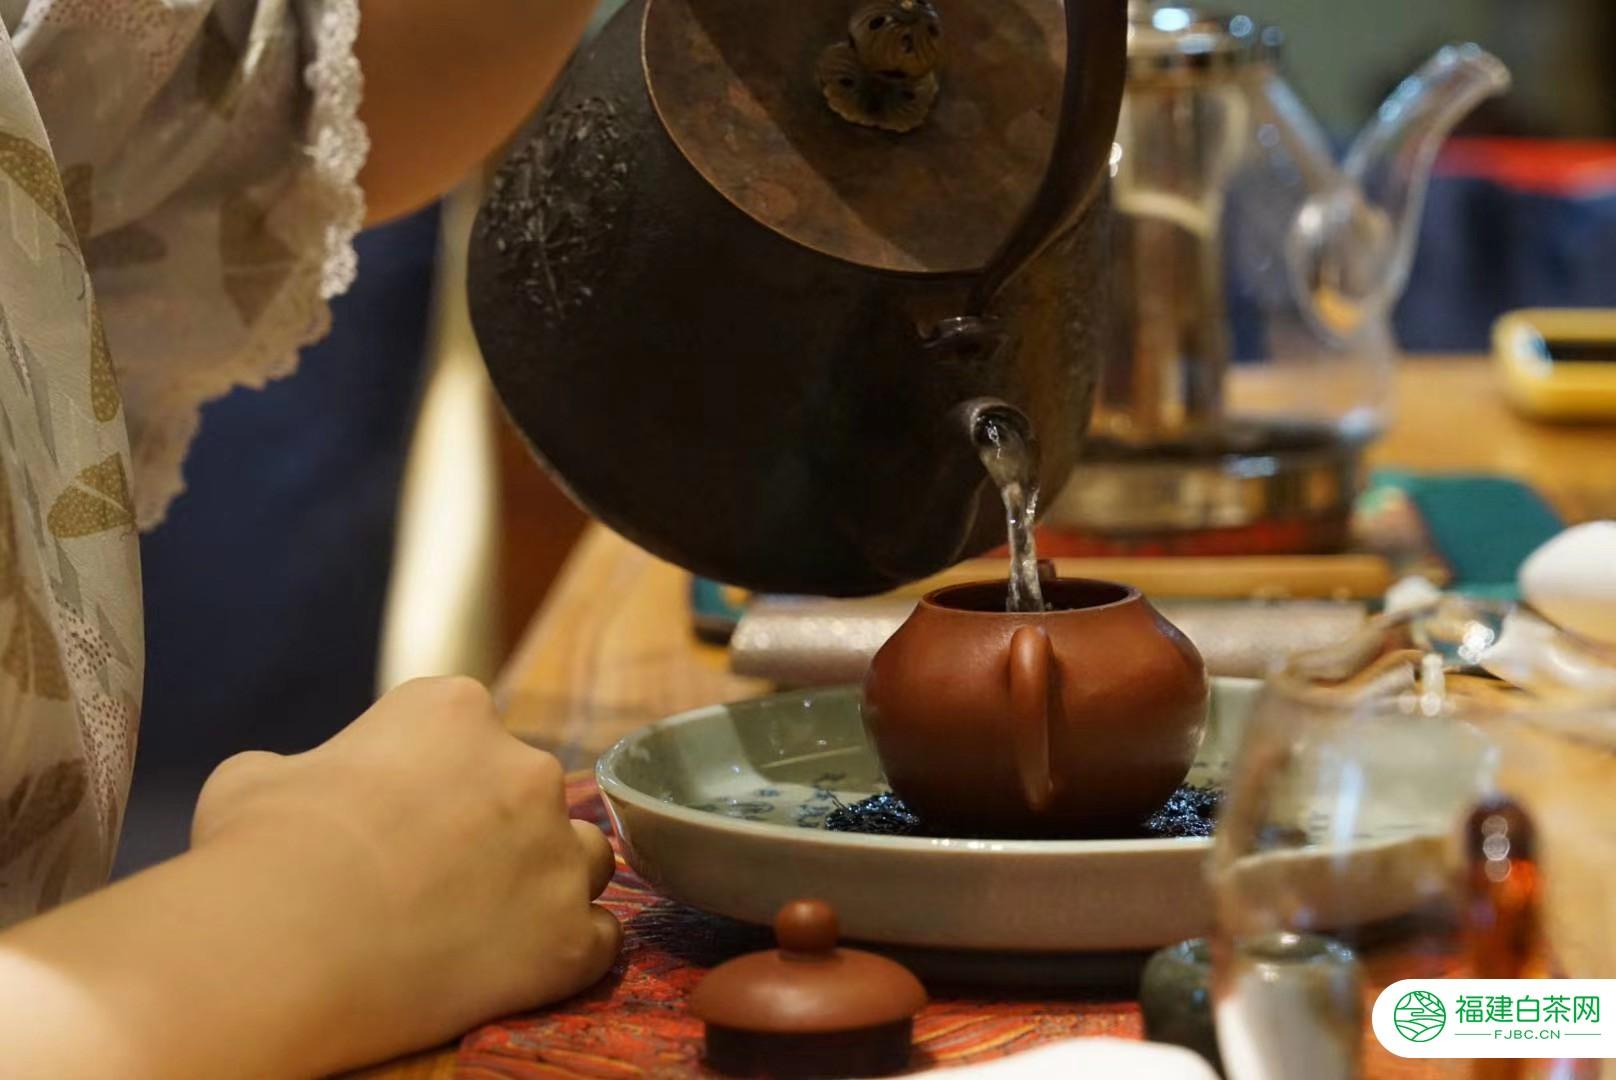 要想泡好普洱茶,掌握这4点!让你的茶更好喝